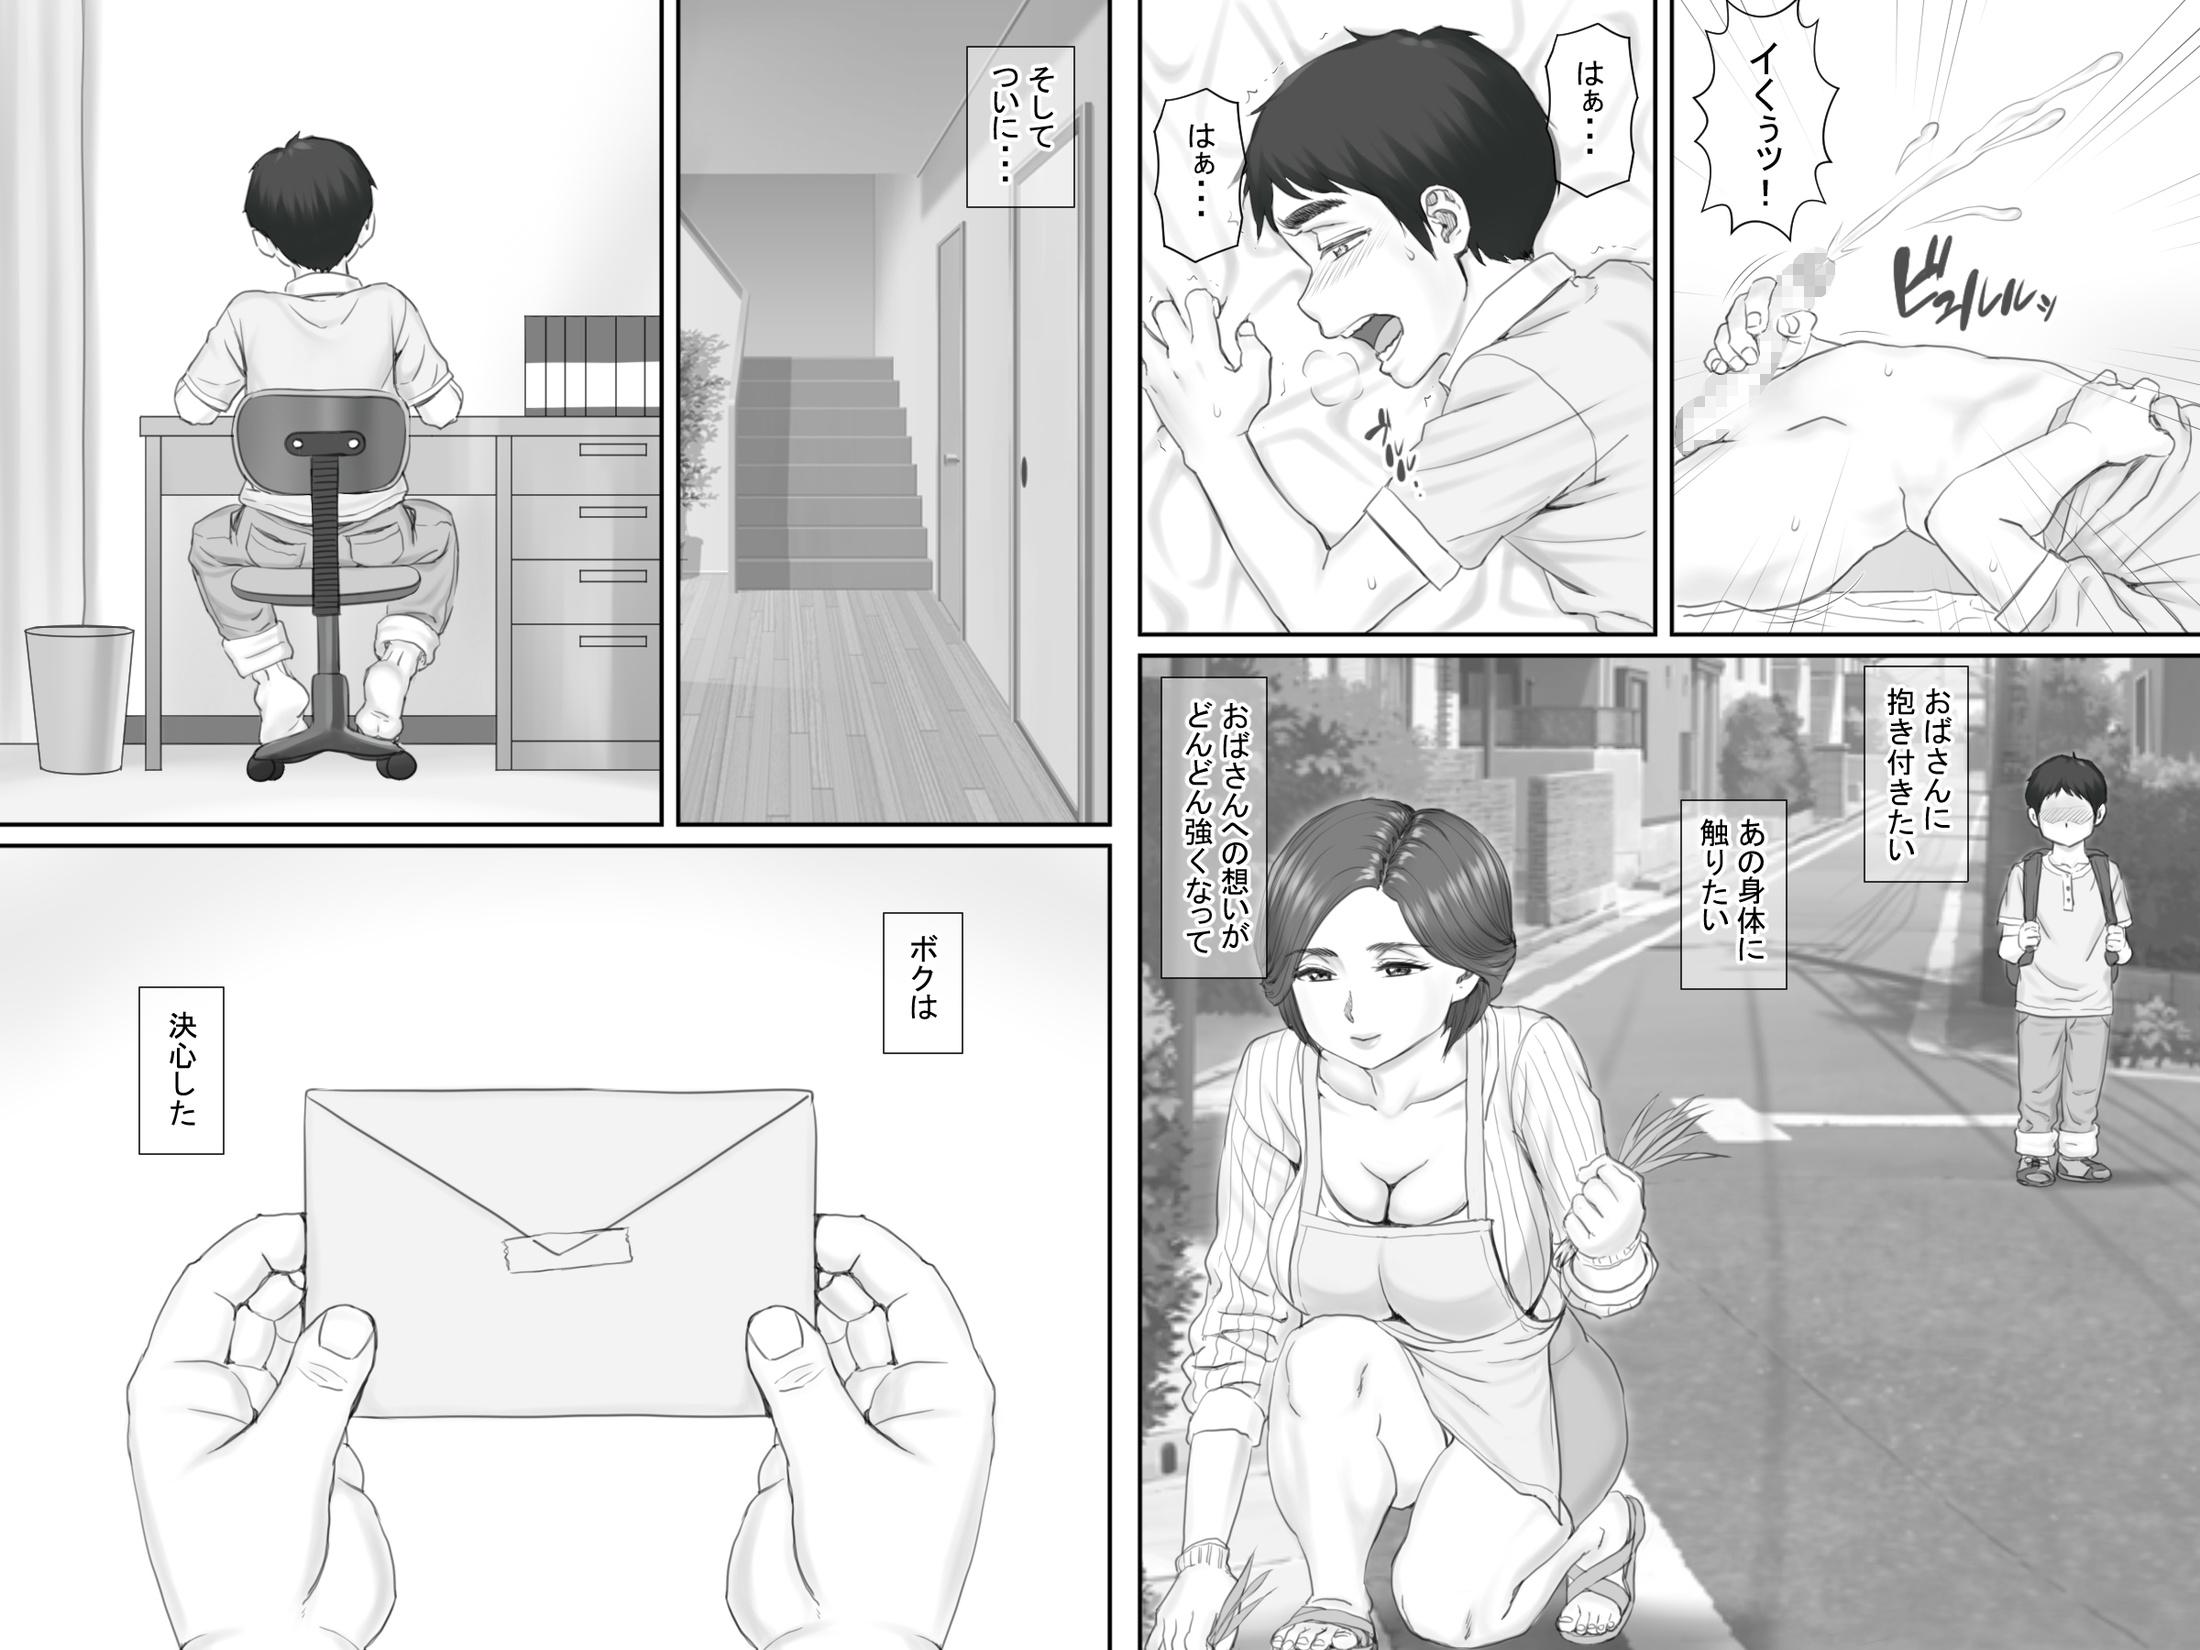 【エロ漫画・エロ同人誌】巨乳人妻と付き合ってエッチしてるショタっ子www ボクの彼女は40歳の人妻でママの友達 (7)